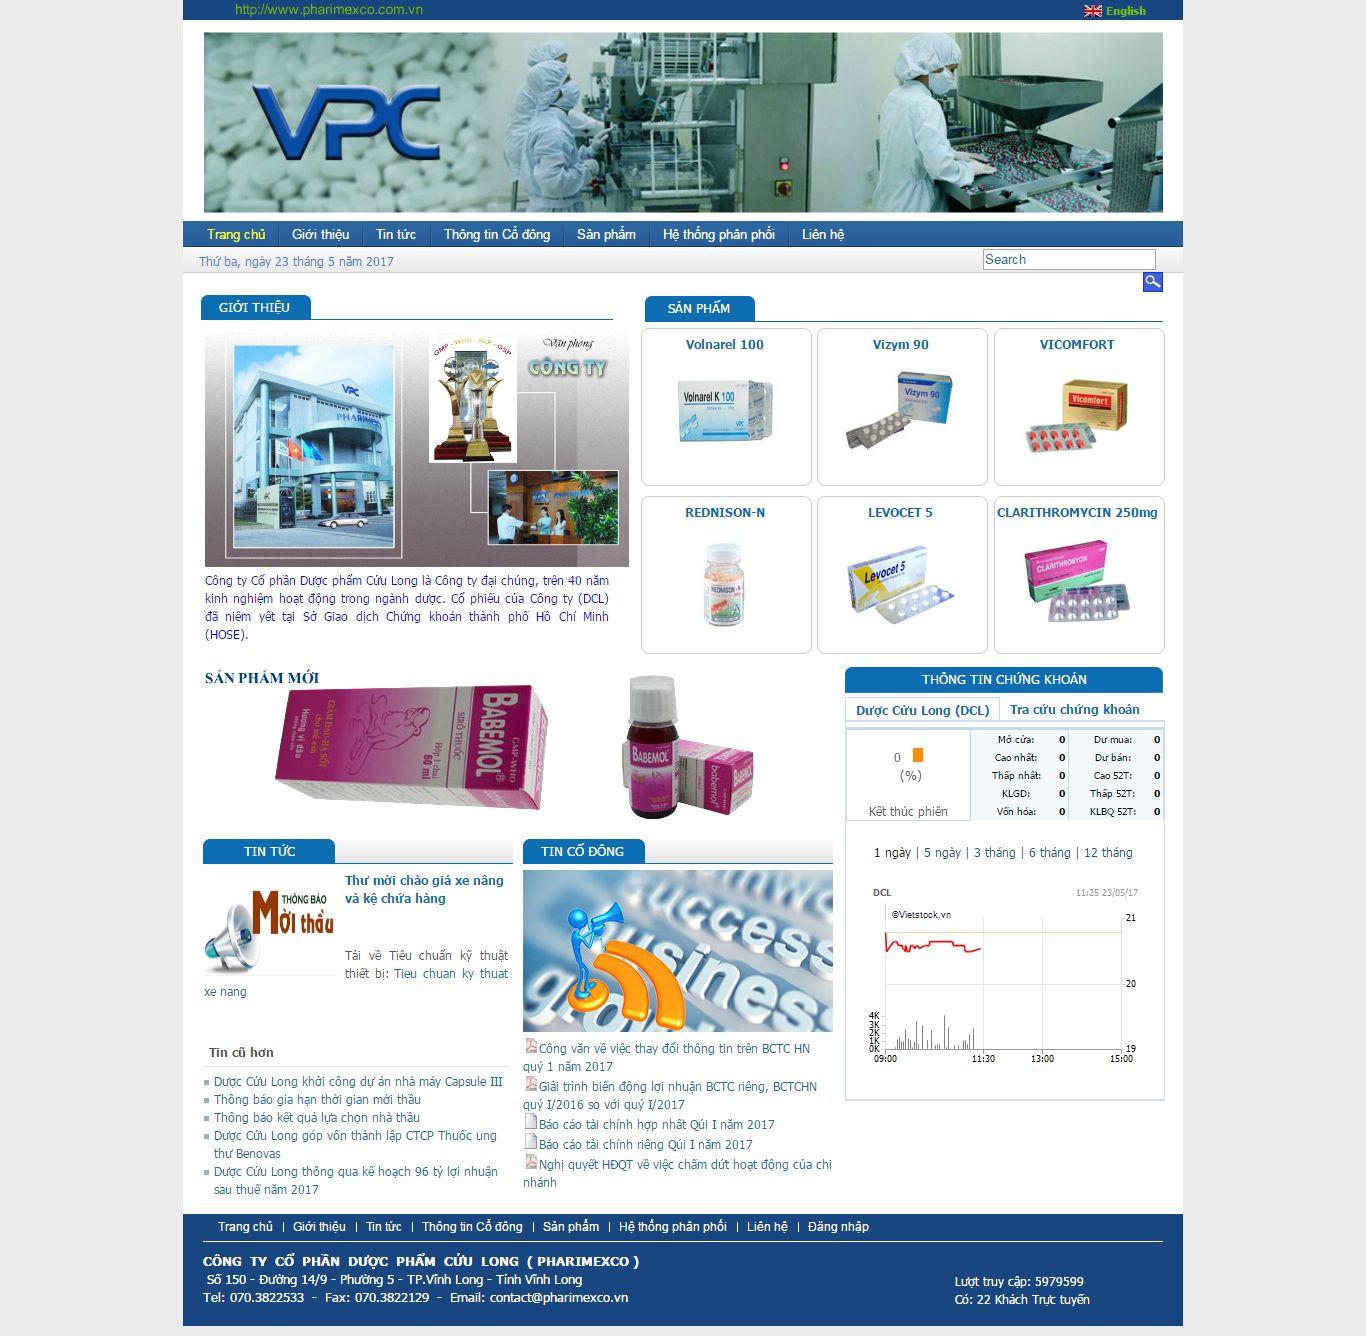 Thiết kế website dược phẩm Cửu Long đẹp, chuyên nghiệp chuẩn SEO